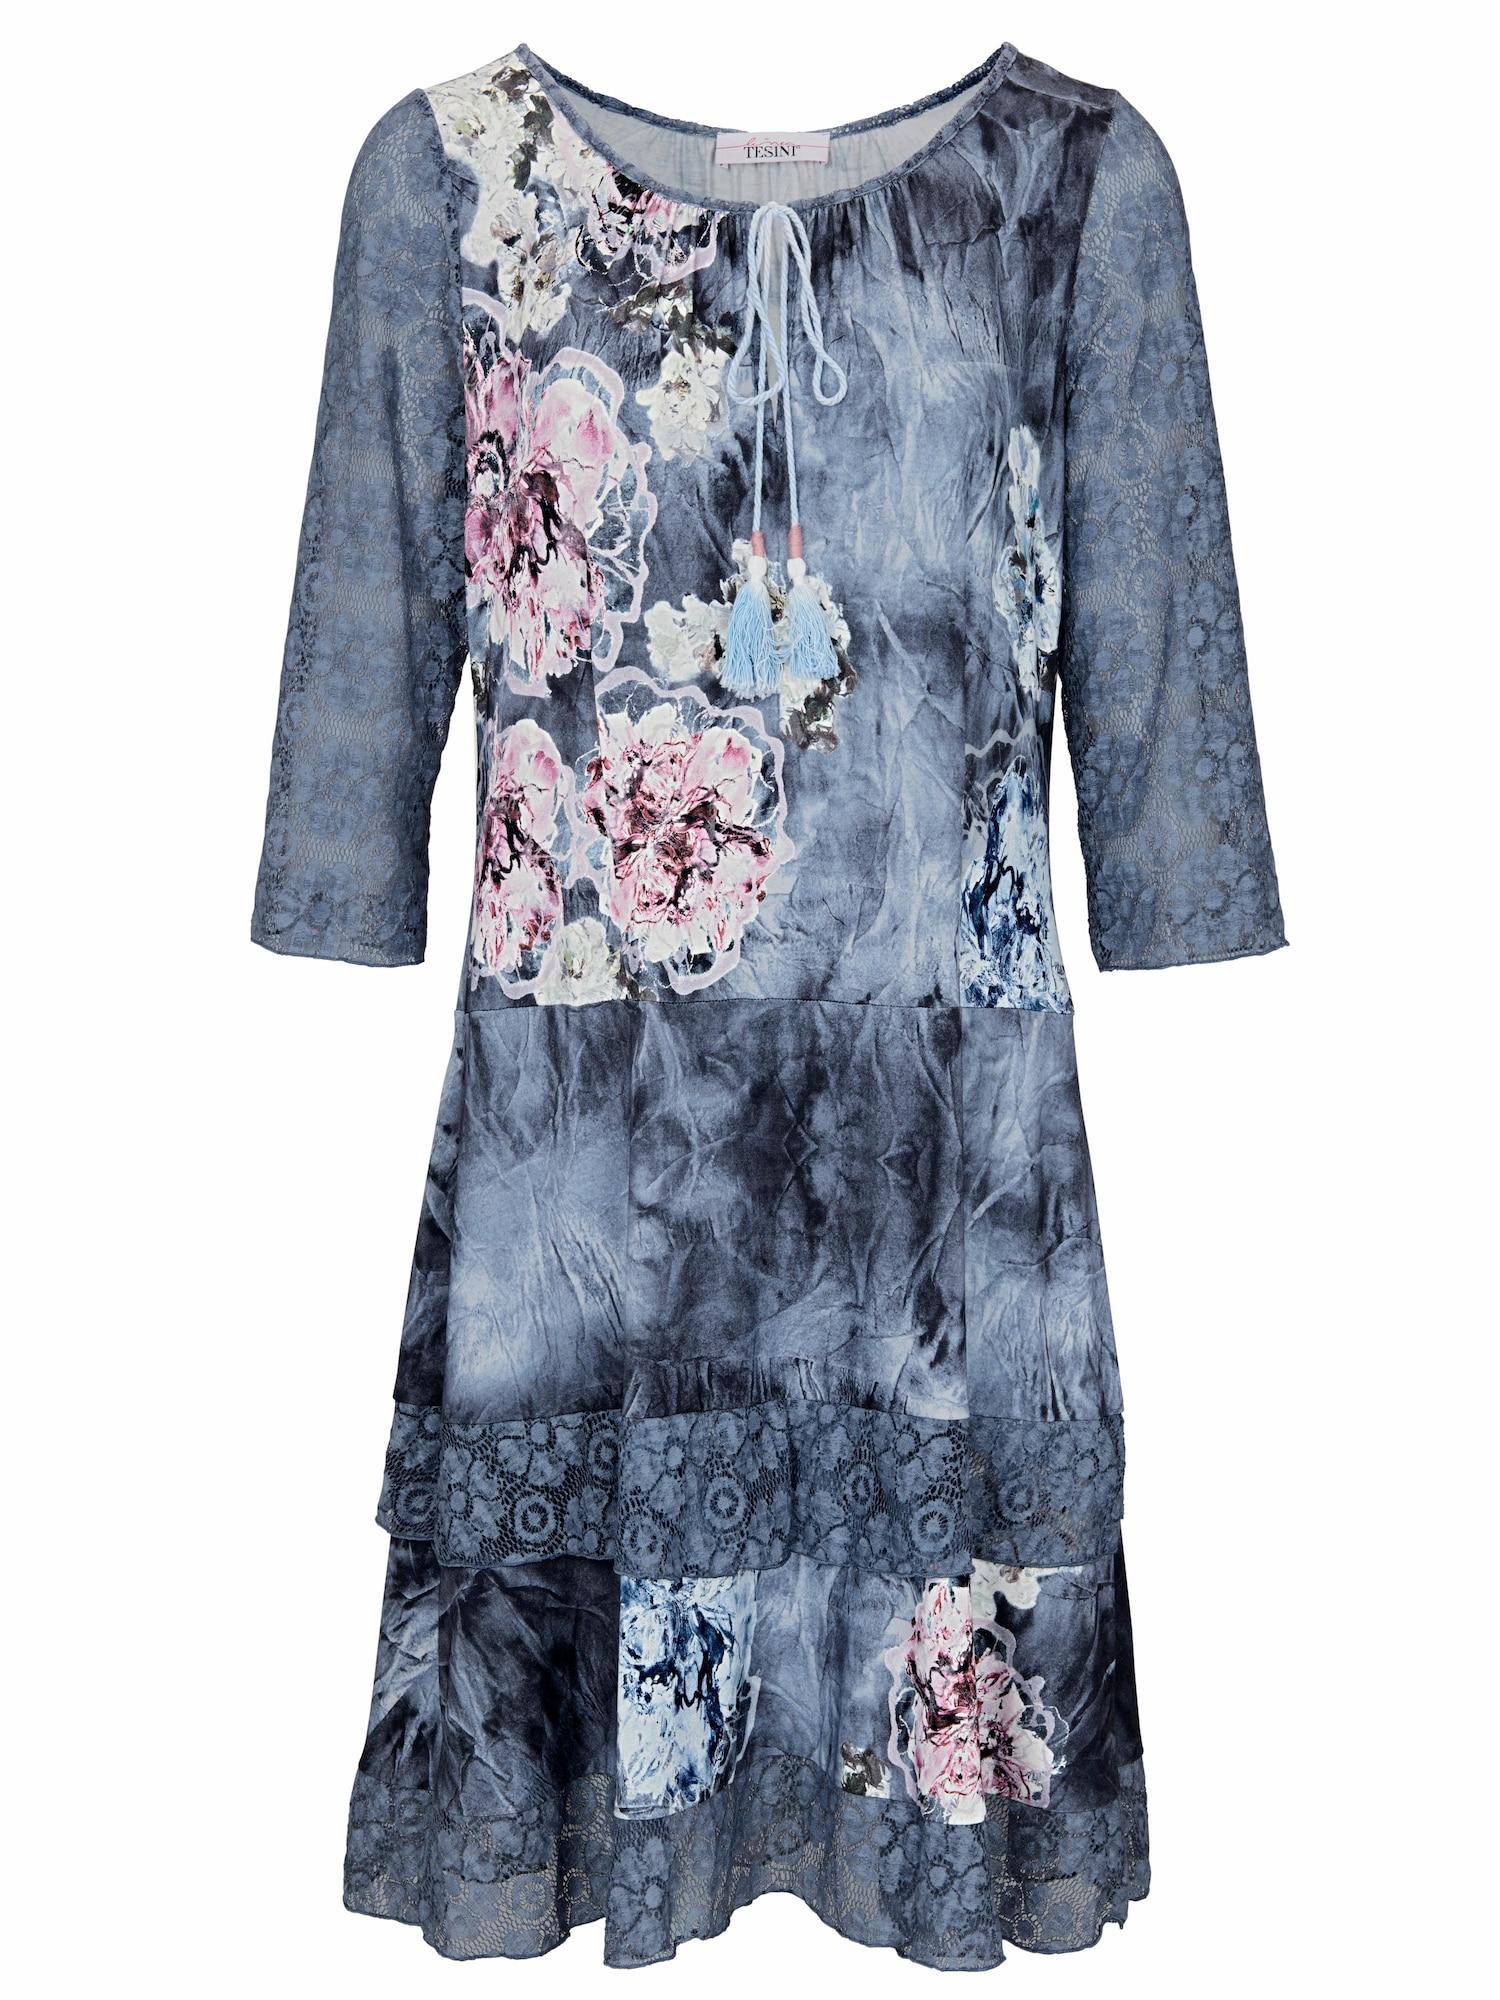 Druckkleid mit Spitze | Bekleidung > Kleider > Druckkleider | Blau - Hellblau - Weiß | heine